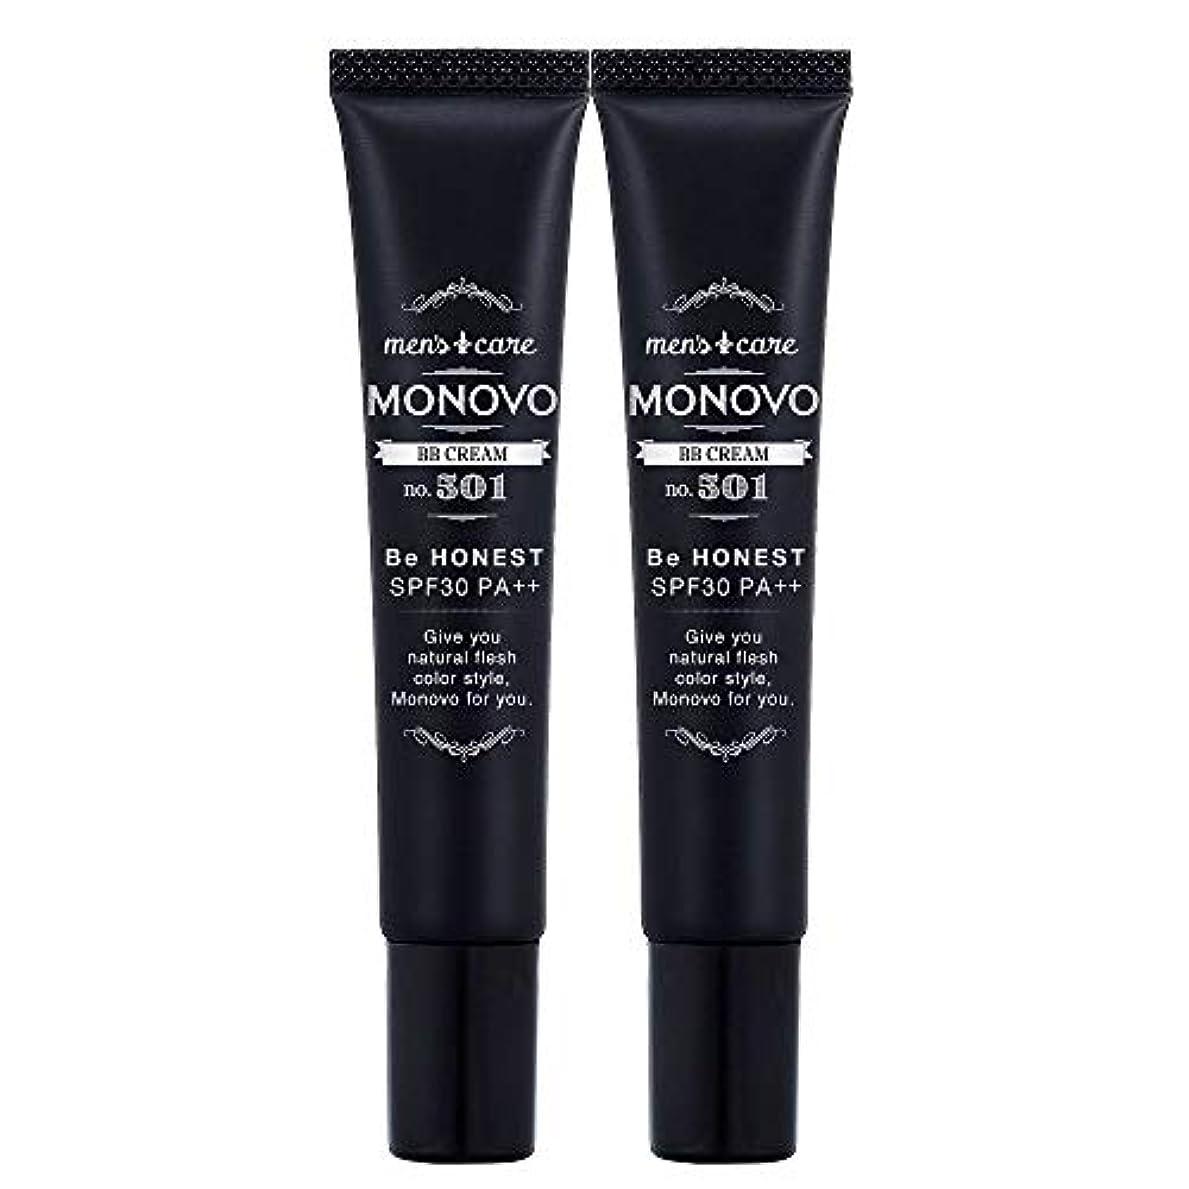 セール必需品昇進MONOVO BBクリーム メンズ コンシーラー ファンデーション効果で青髭/テカリ/肌荒れ隠し[ SPF30/PA++] 2本 40g